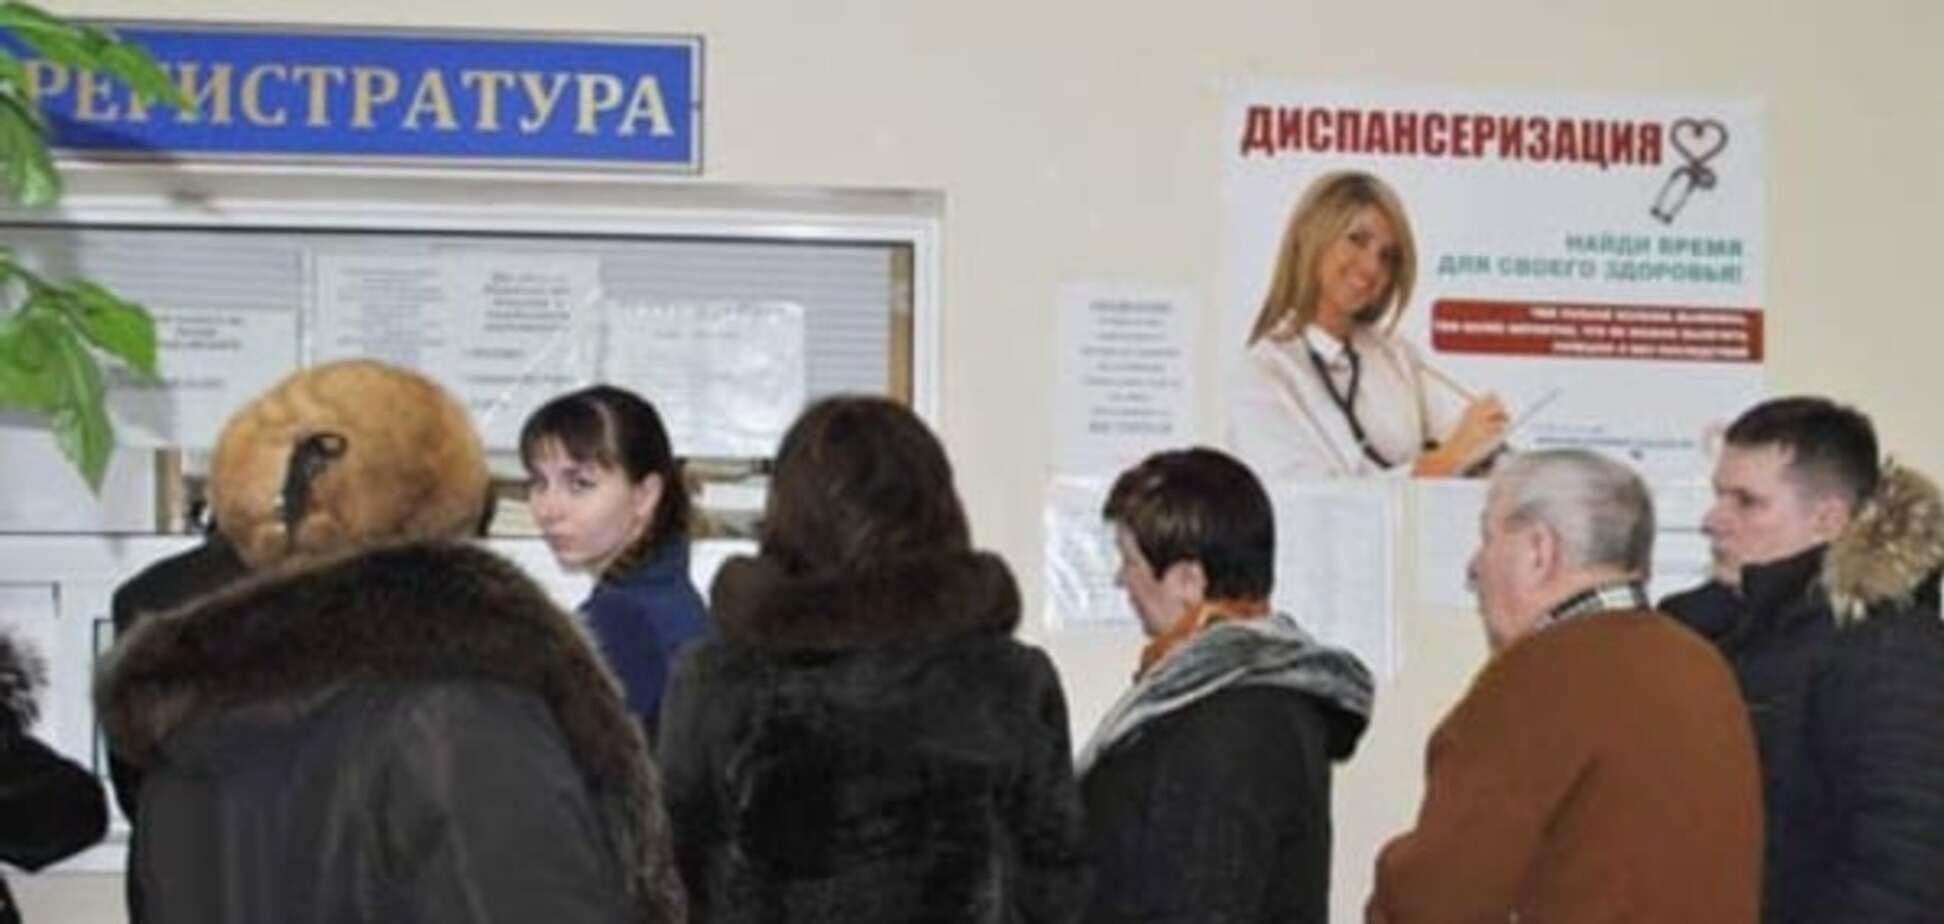 Умер от гриппа в очереди к врачу: в Ростове труп 'ждал' помощи 3 часа